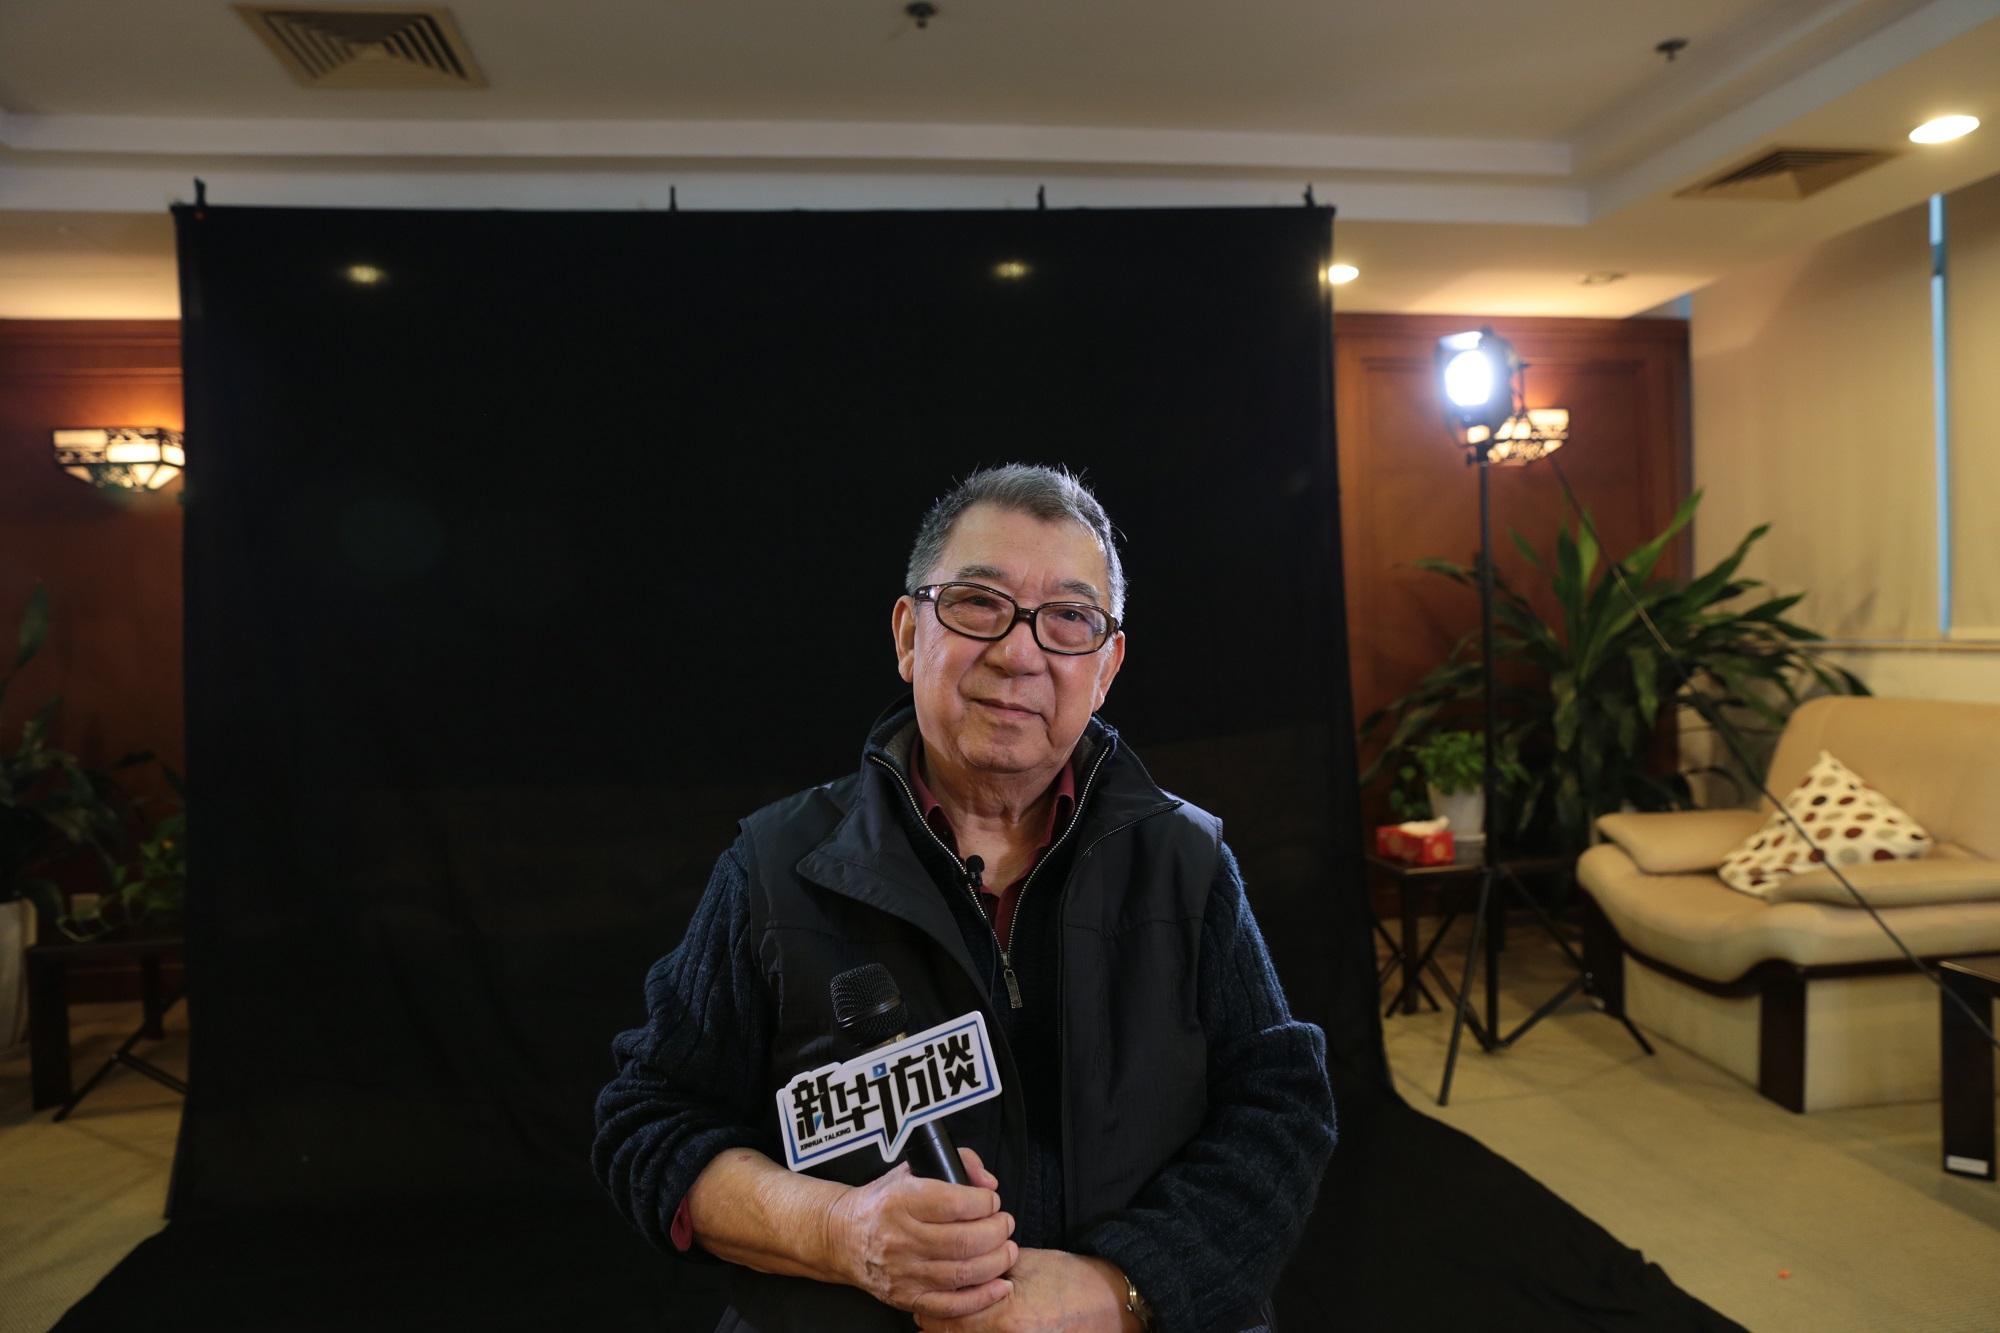 导演郭宝昌:创新的艺术才能代代相传